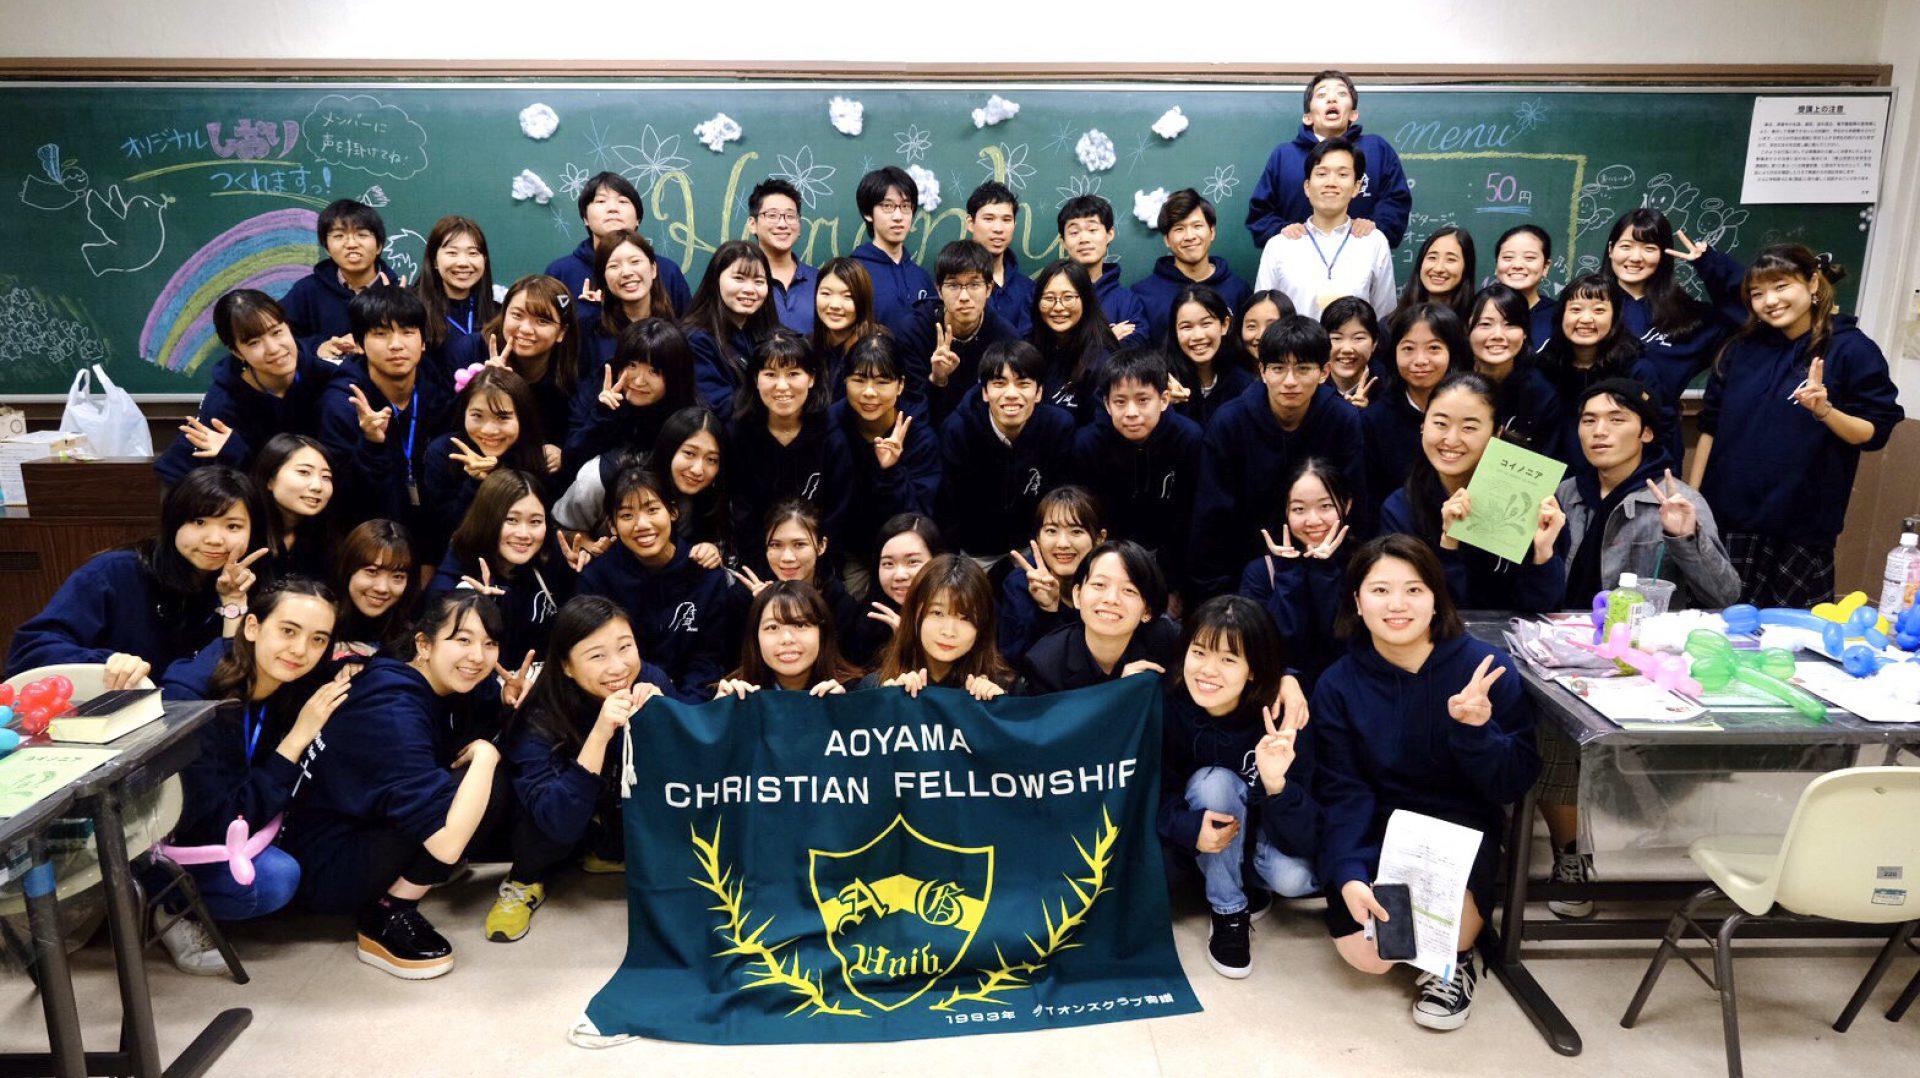 青山キリスト教学生会(ACF)